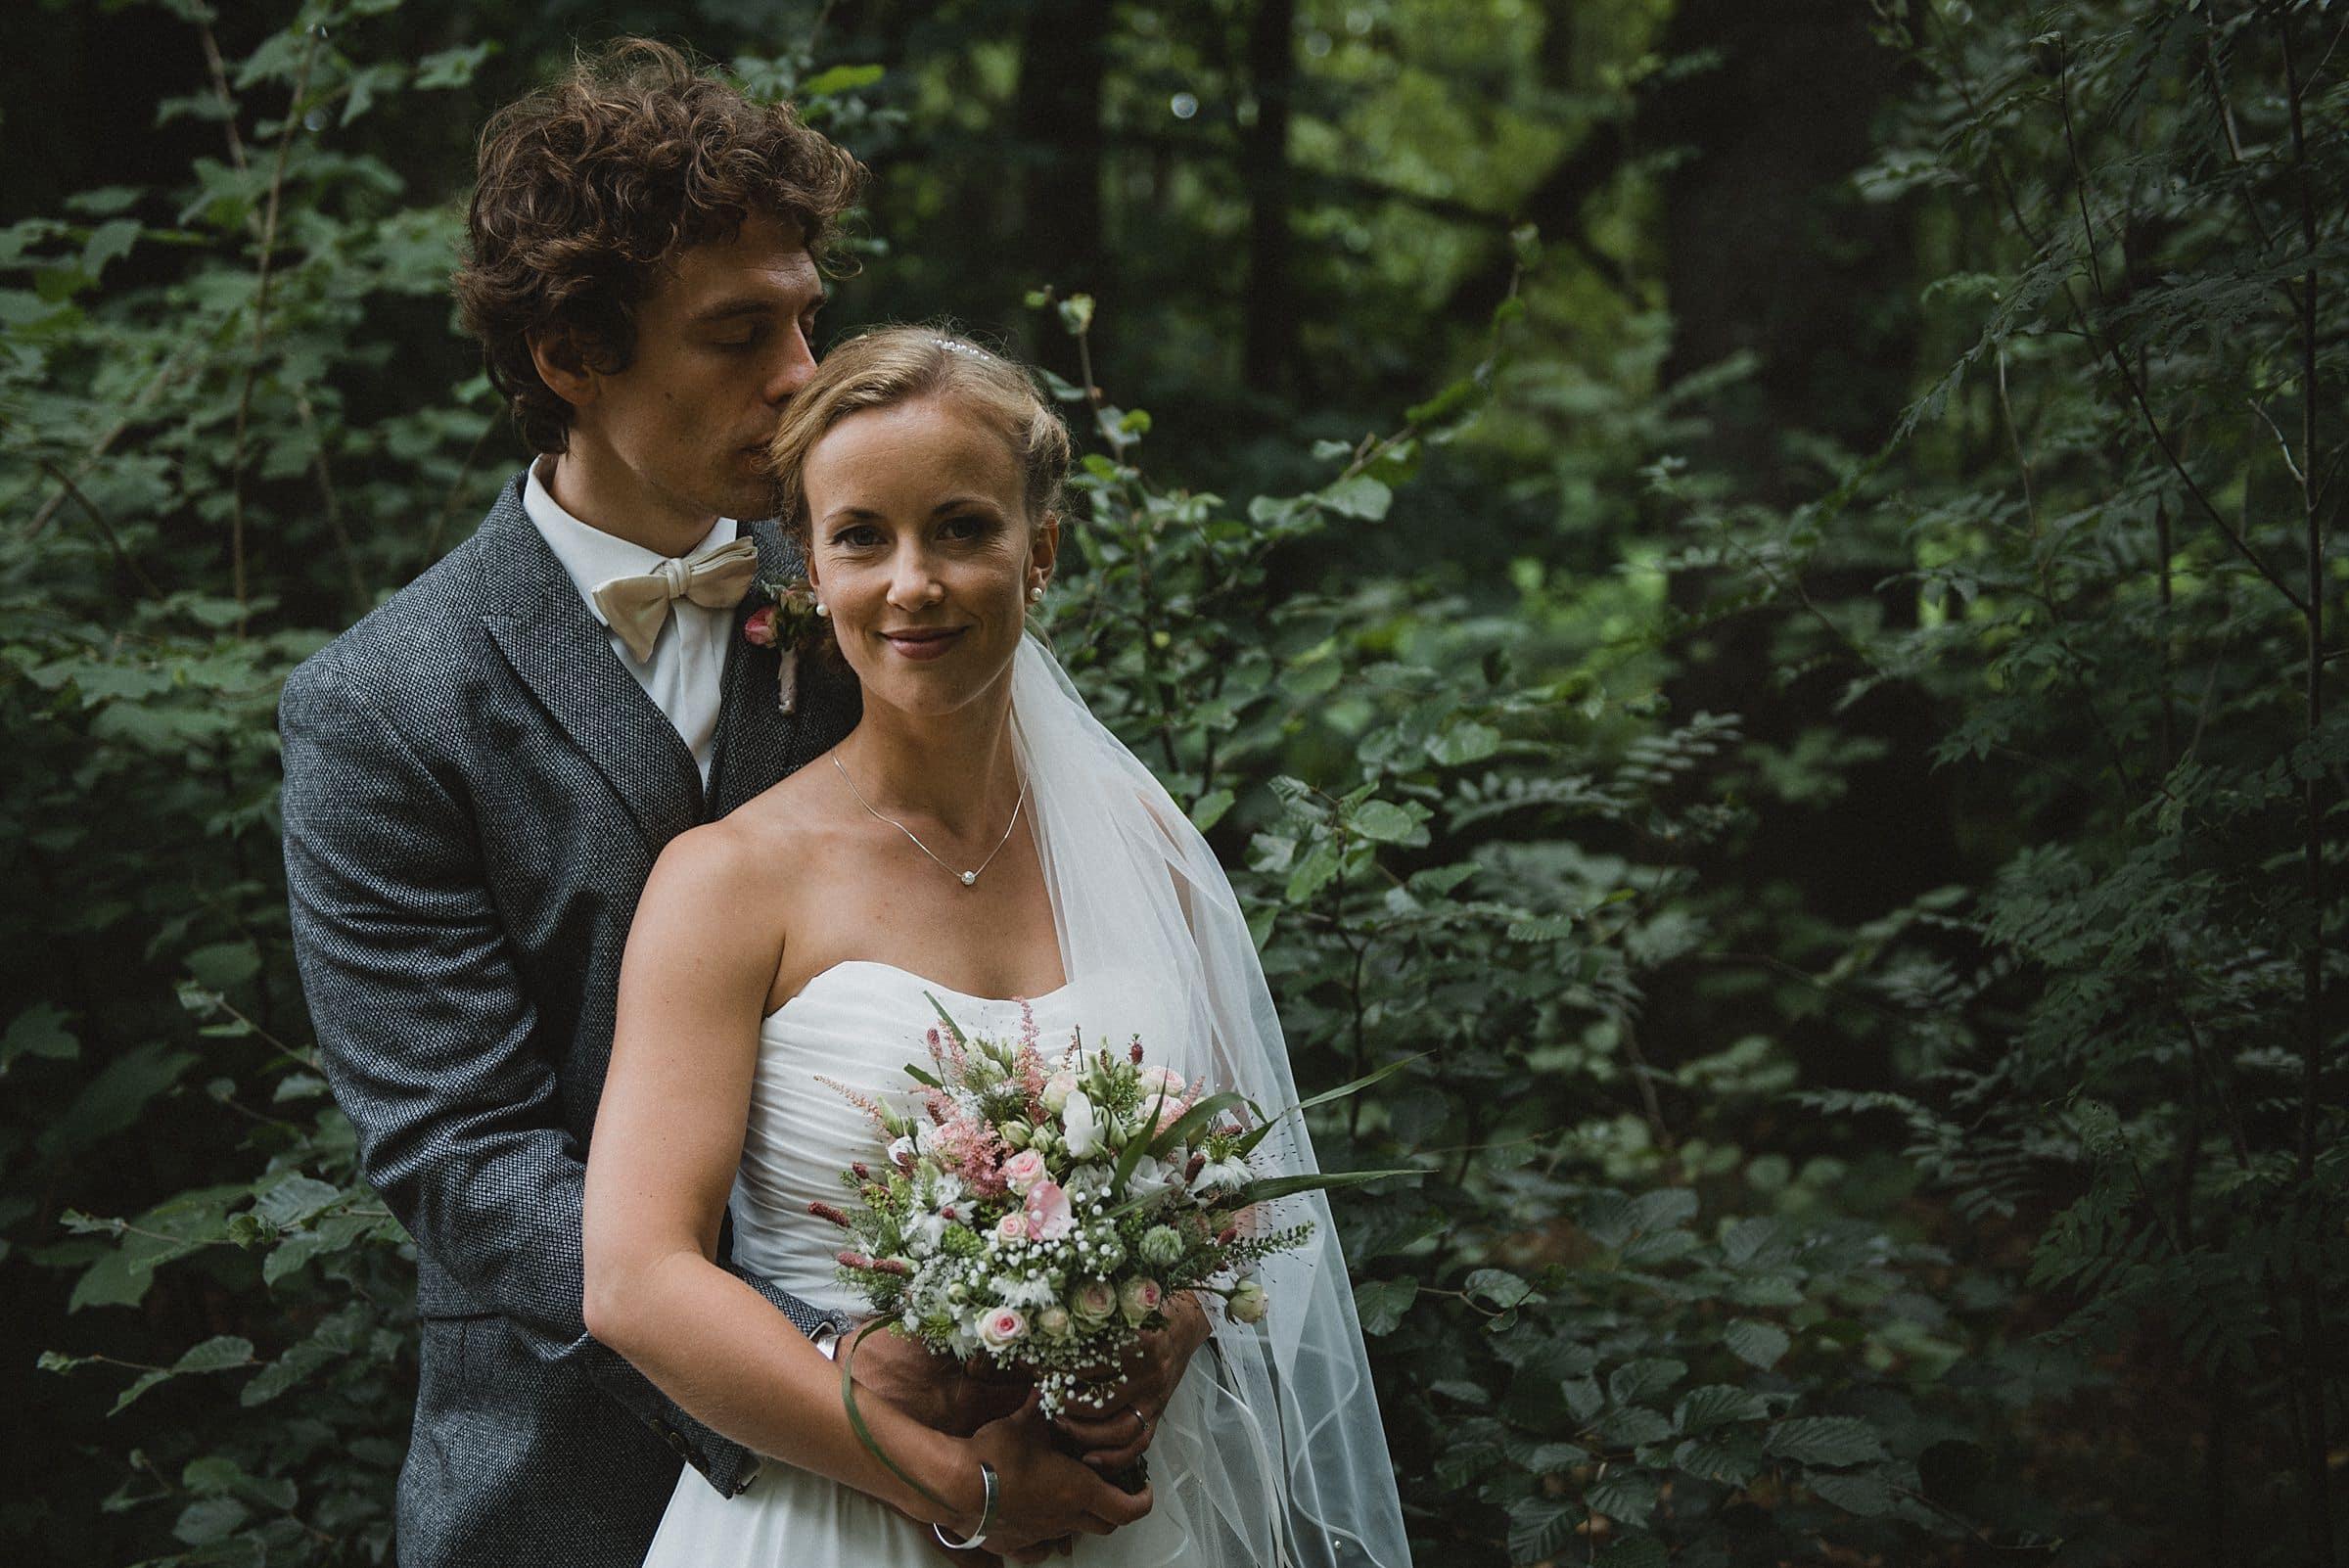 Hochzeitsfotografie-Frau-Siemers-Hof Weihe-Portrait Brautpaar im Wald